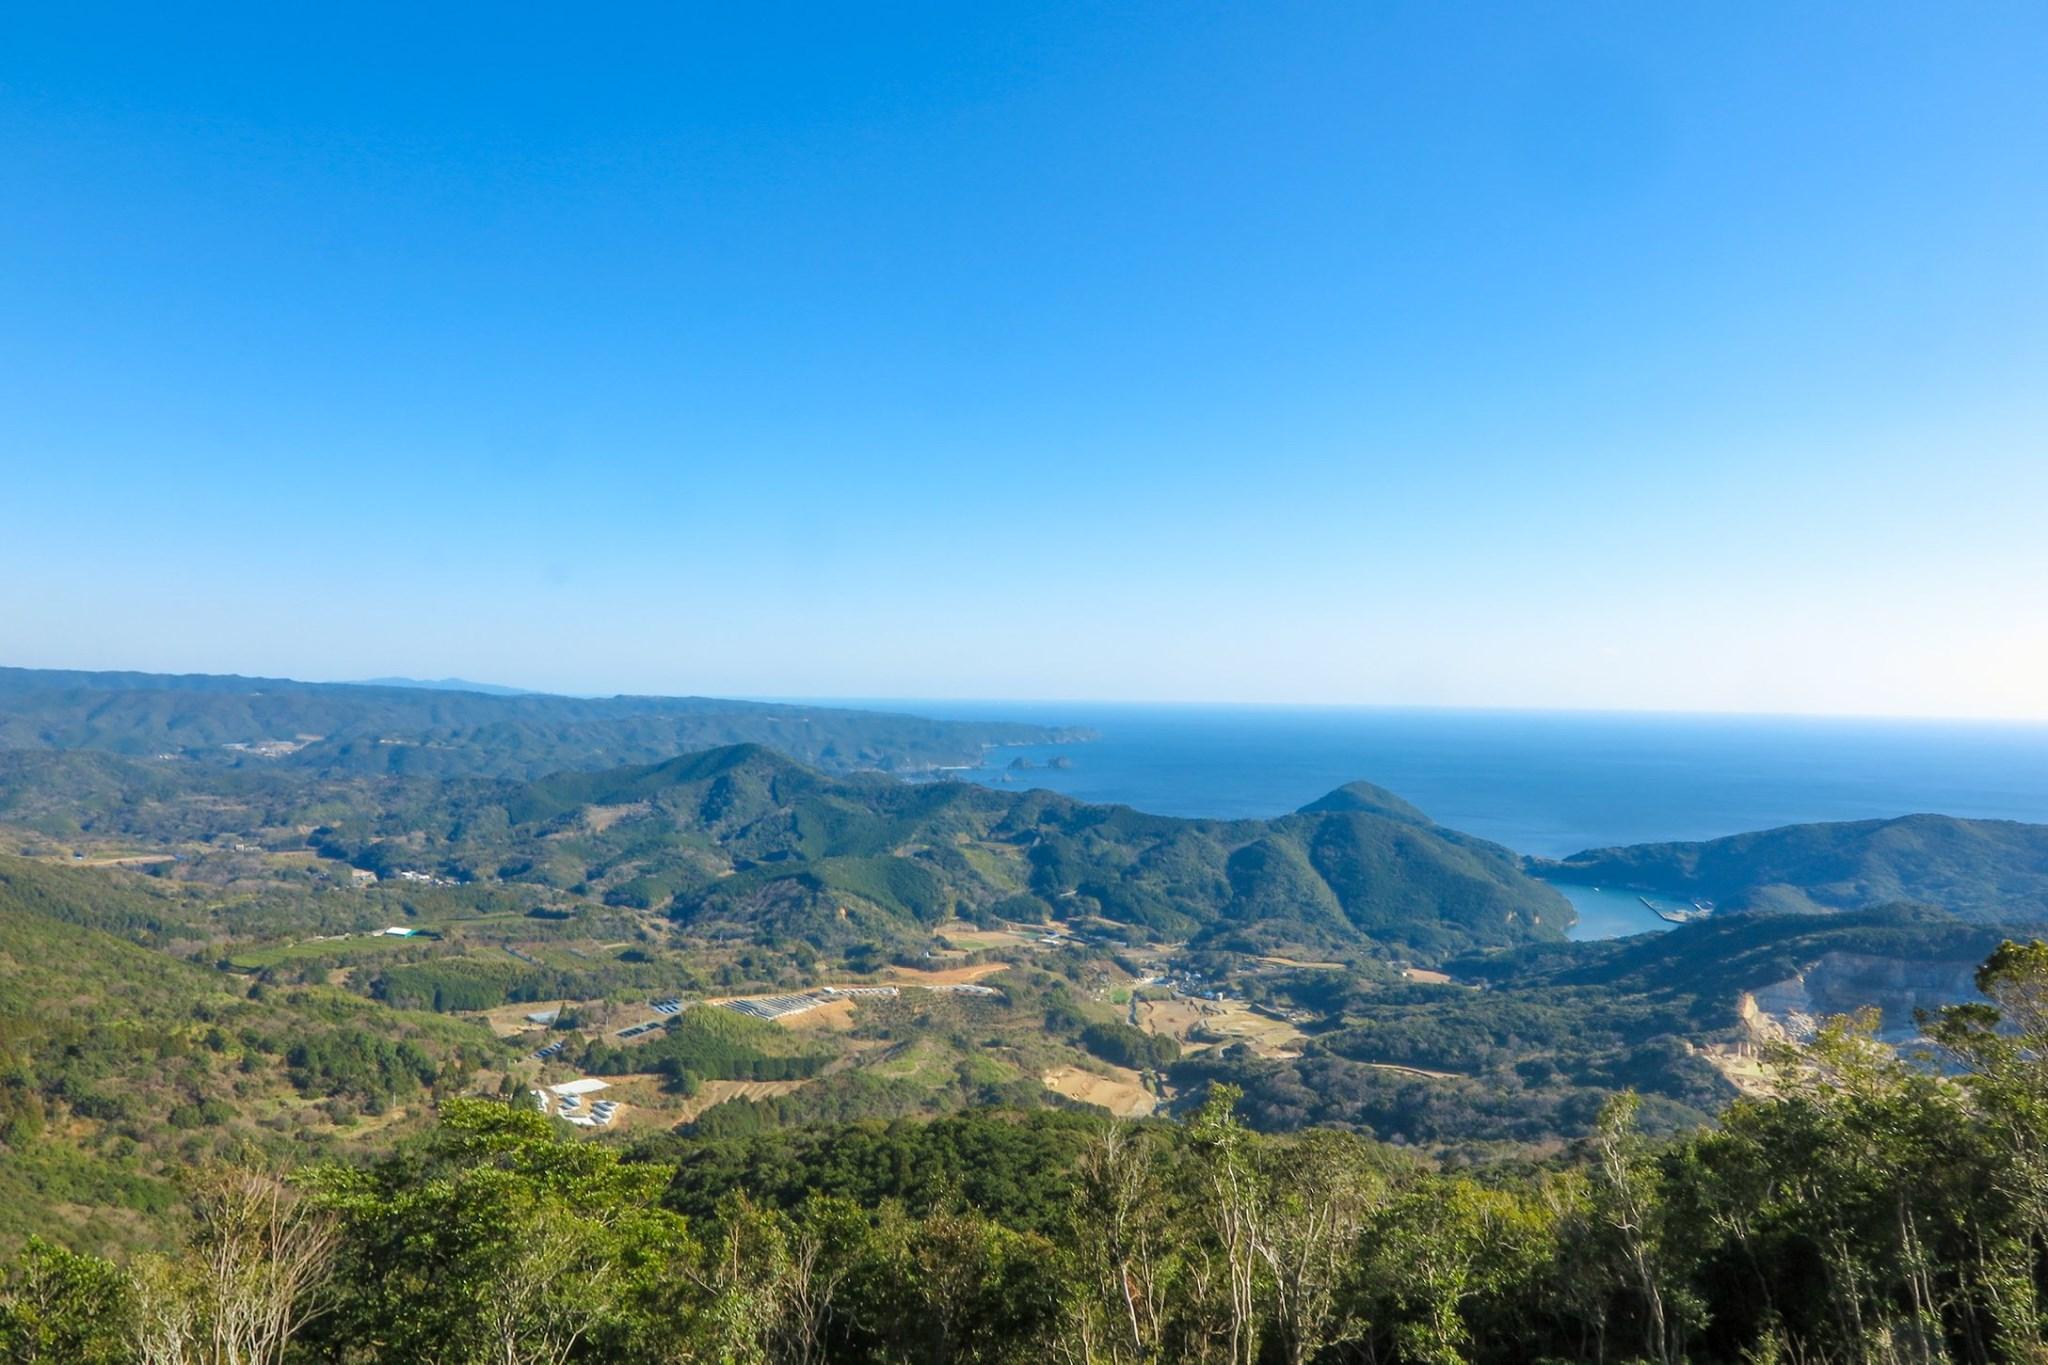 大洞山山頂からの景色